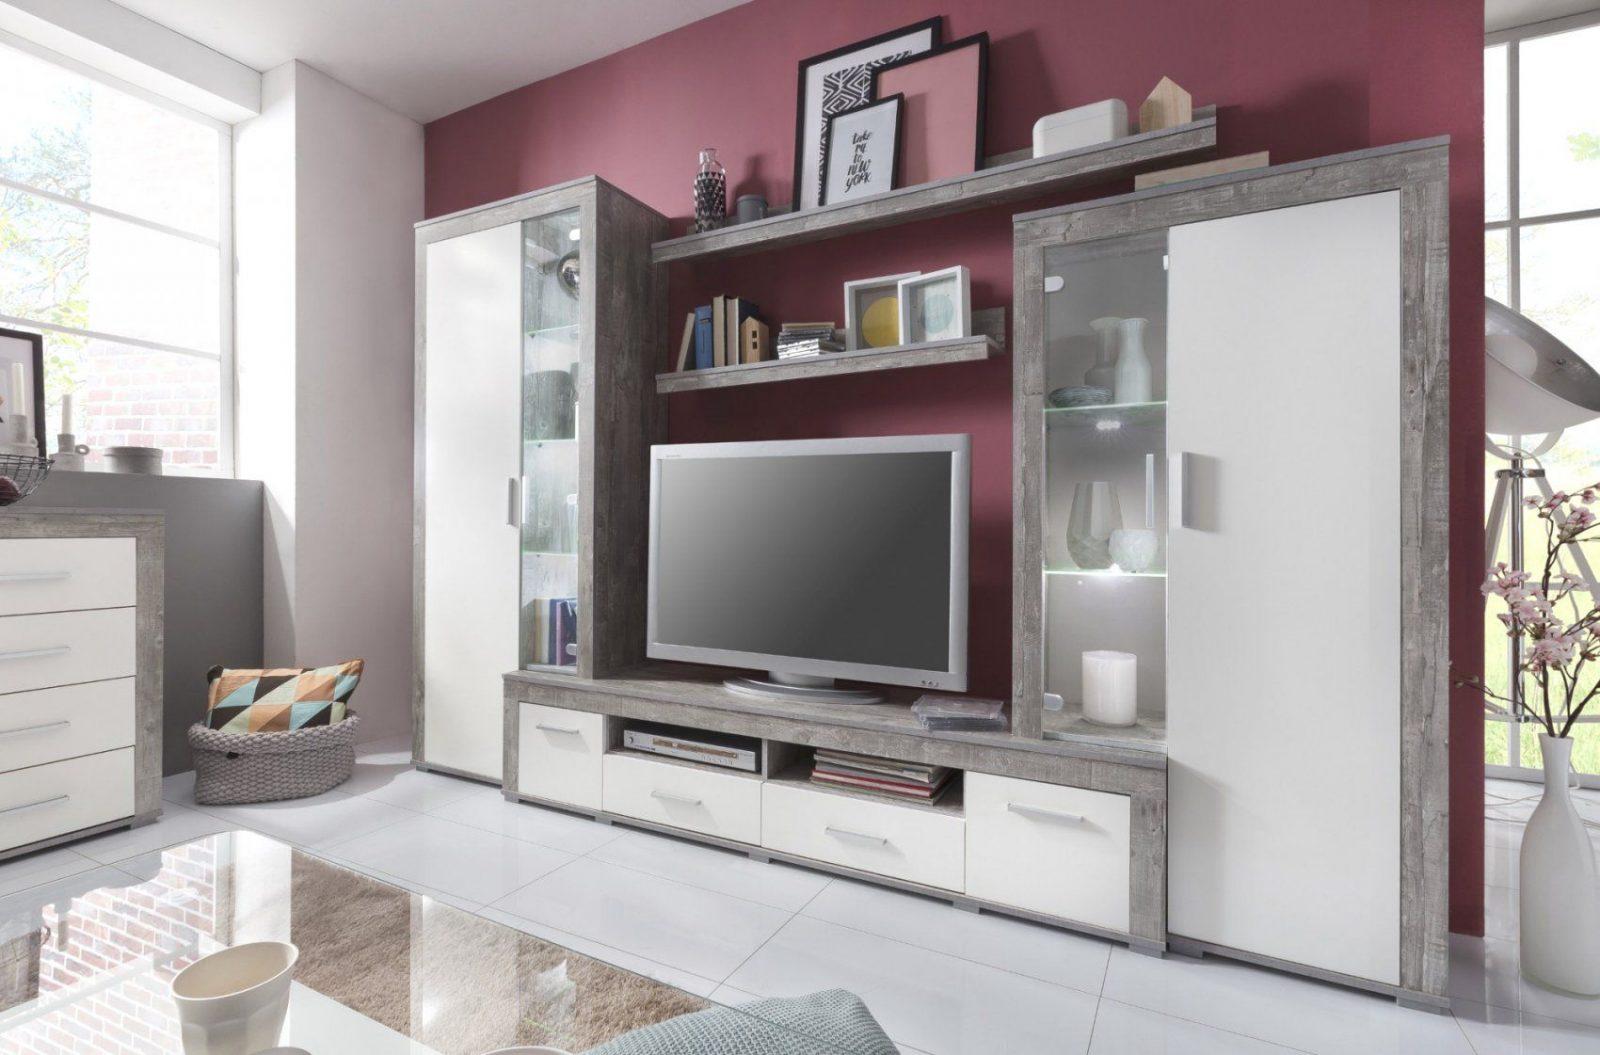 kauf auf rechnung als neukunde with kauf auf rechnung als. Black Bedroom Furniture Sets. Home Design Ideas